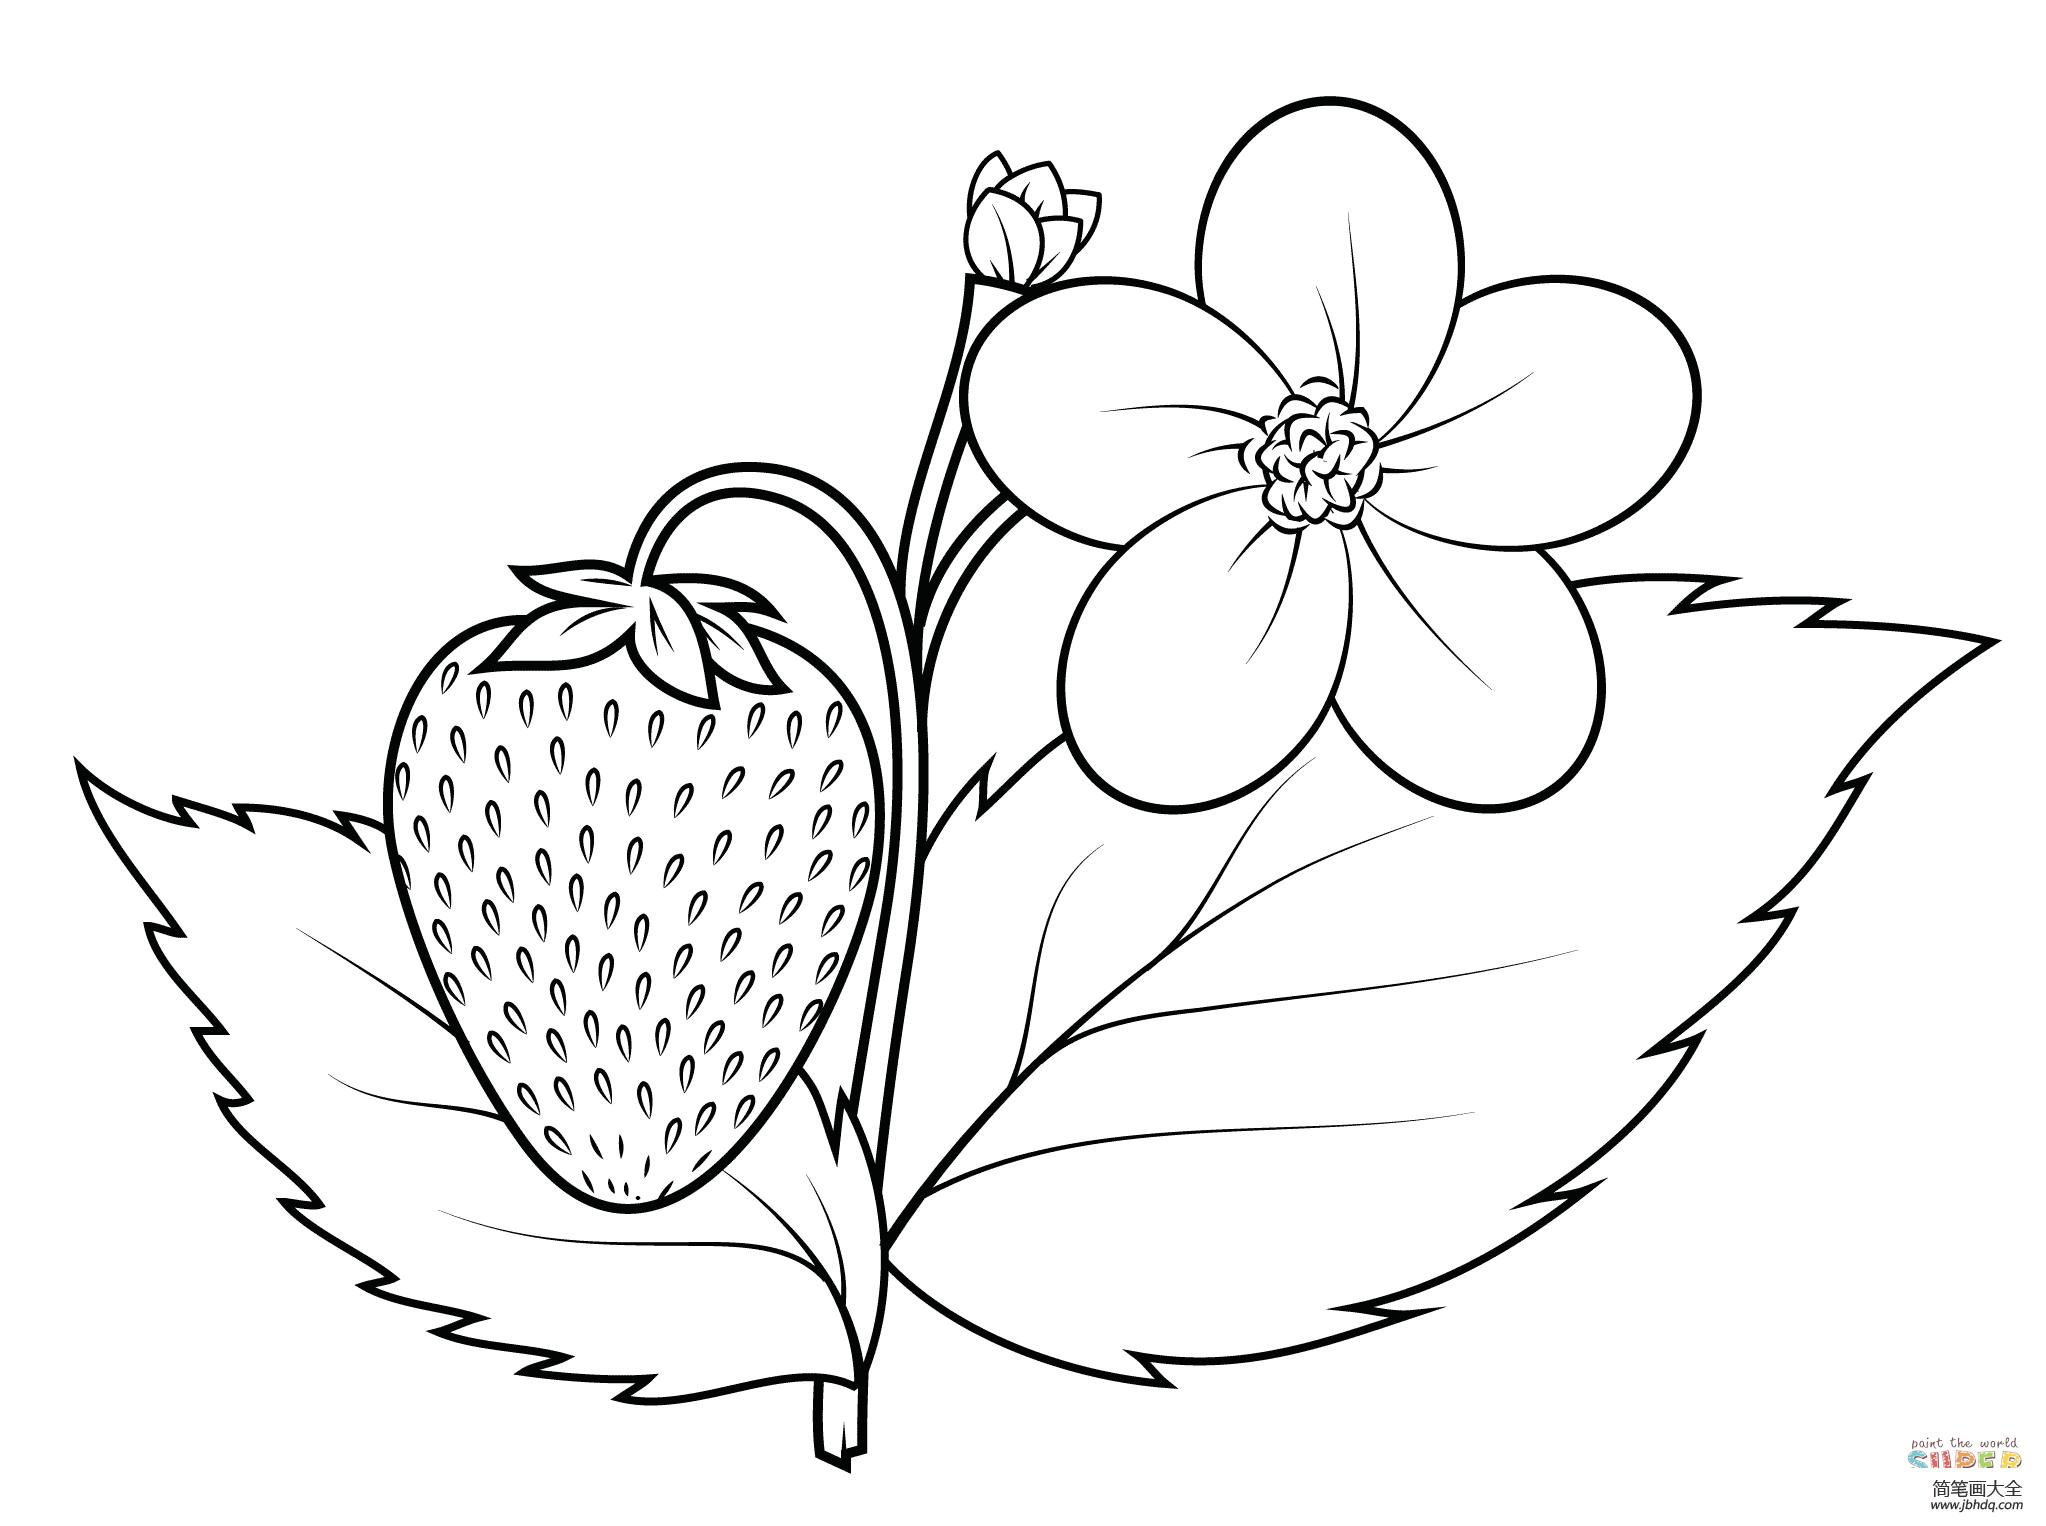 简单的草莓简笔画图片大全|简单的草莓简笔画图片